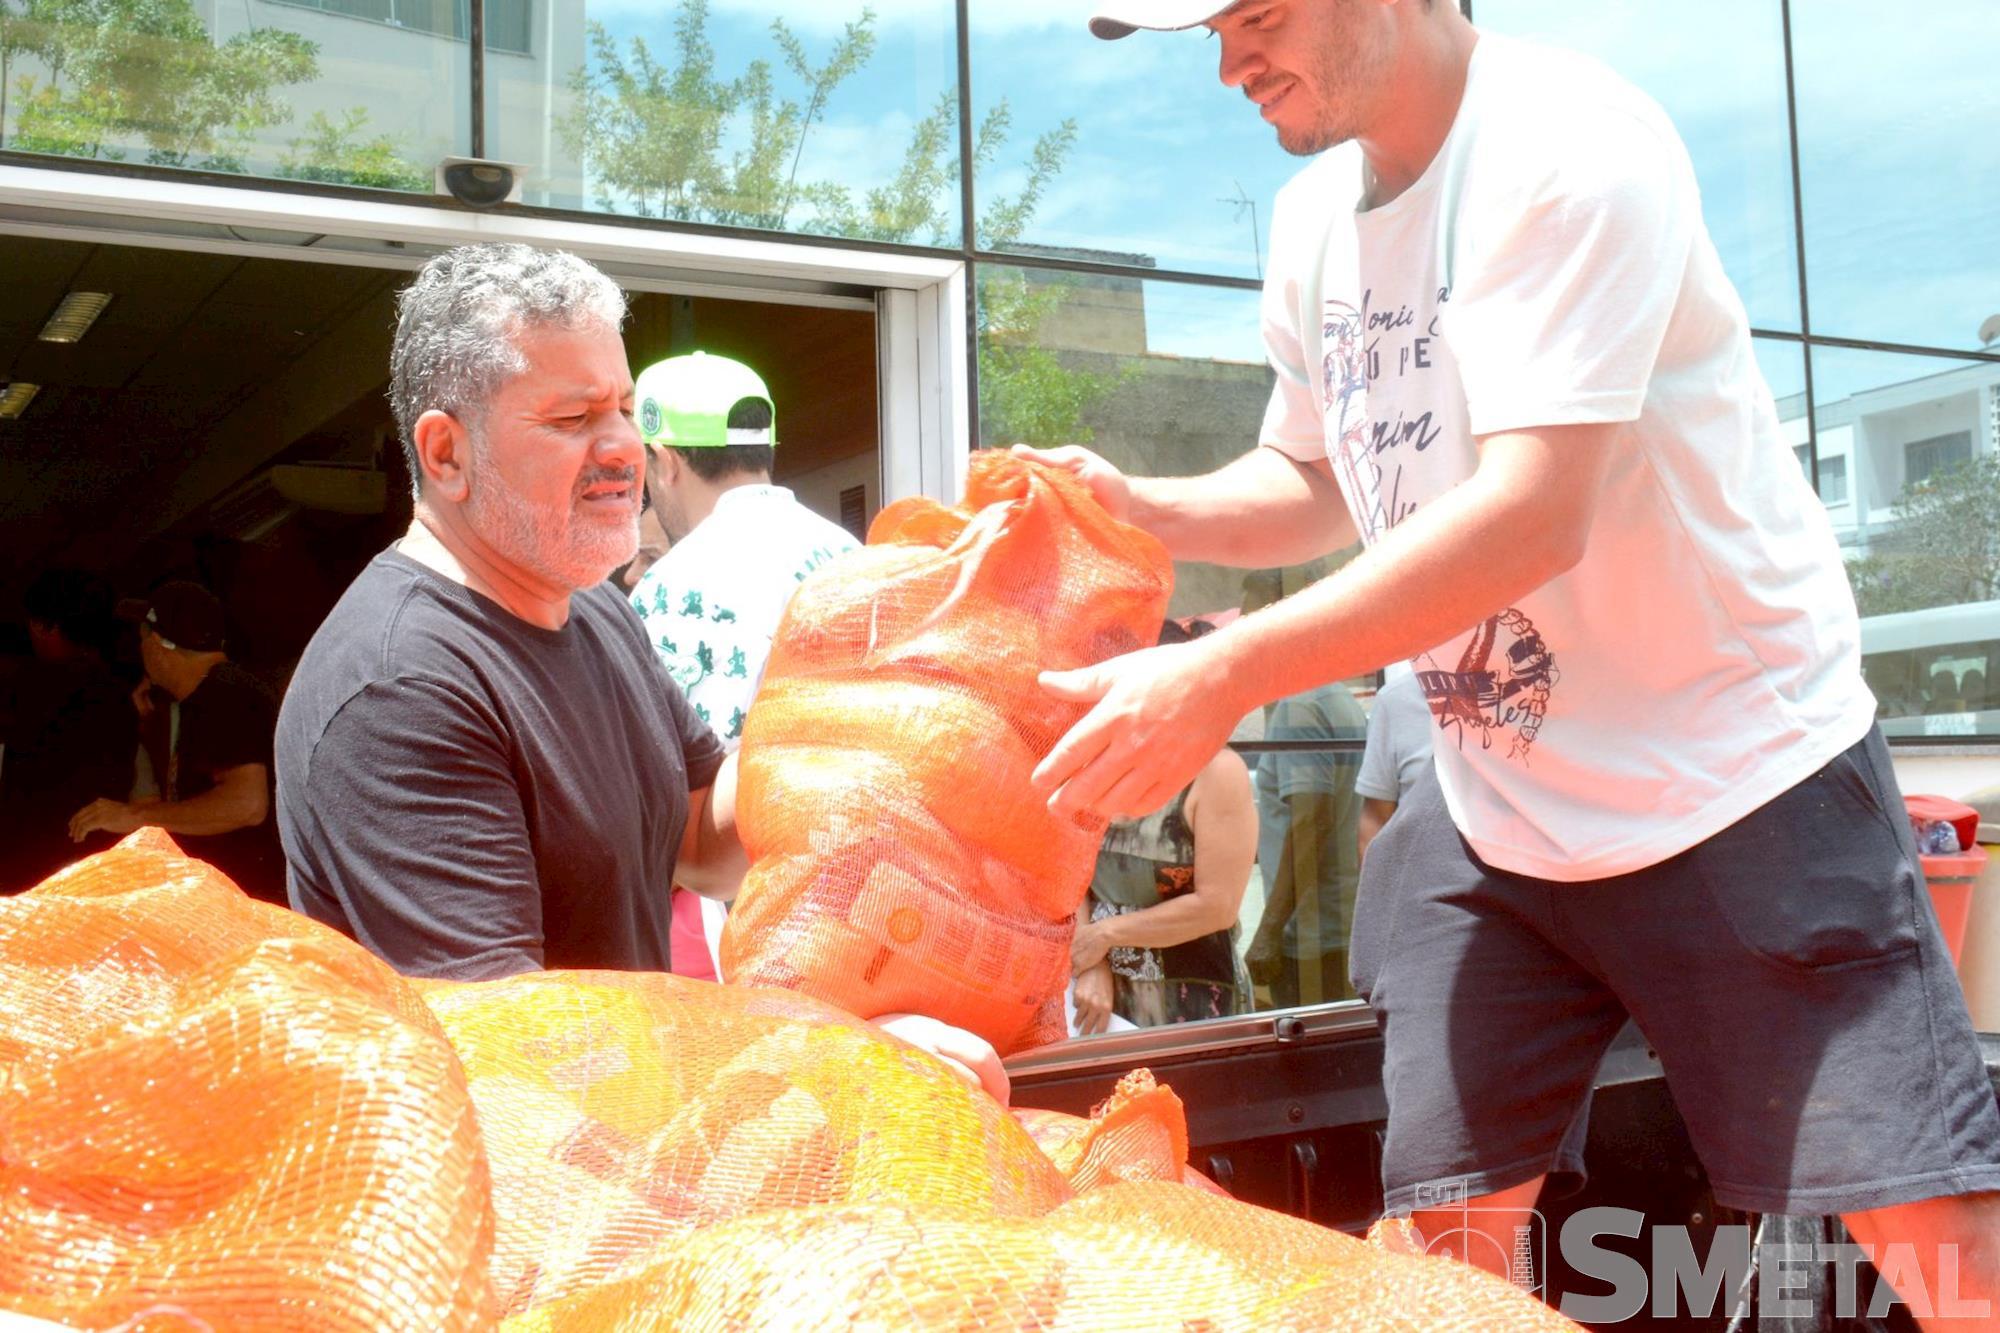 Foguinho/Smetal, Natal Sem Fome distribui 27, 5 toneladas de alimentos a famílias carentes